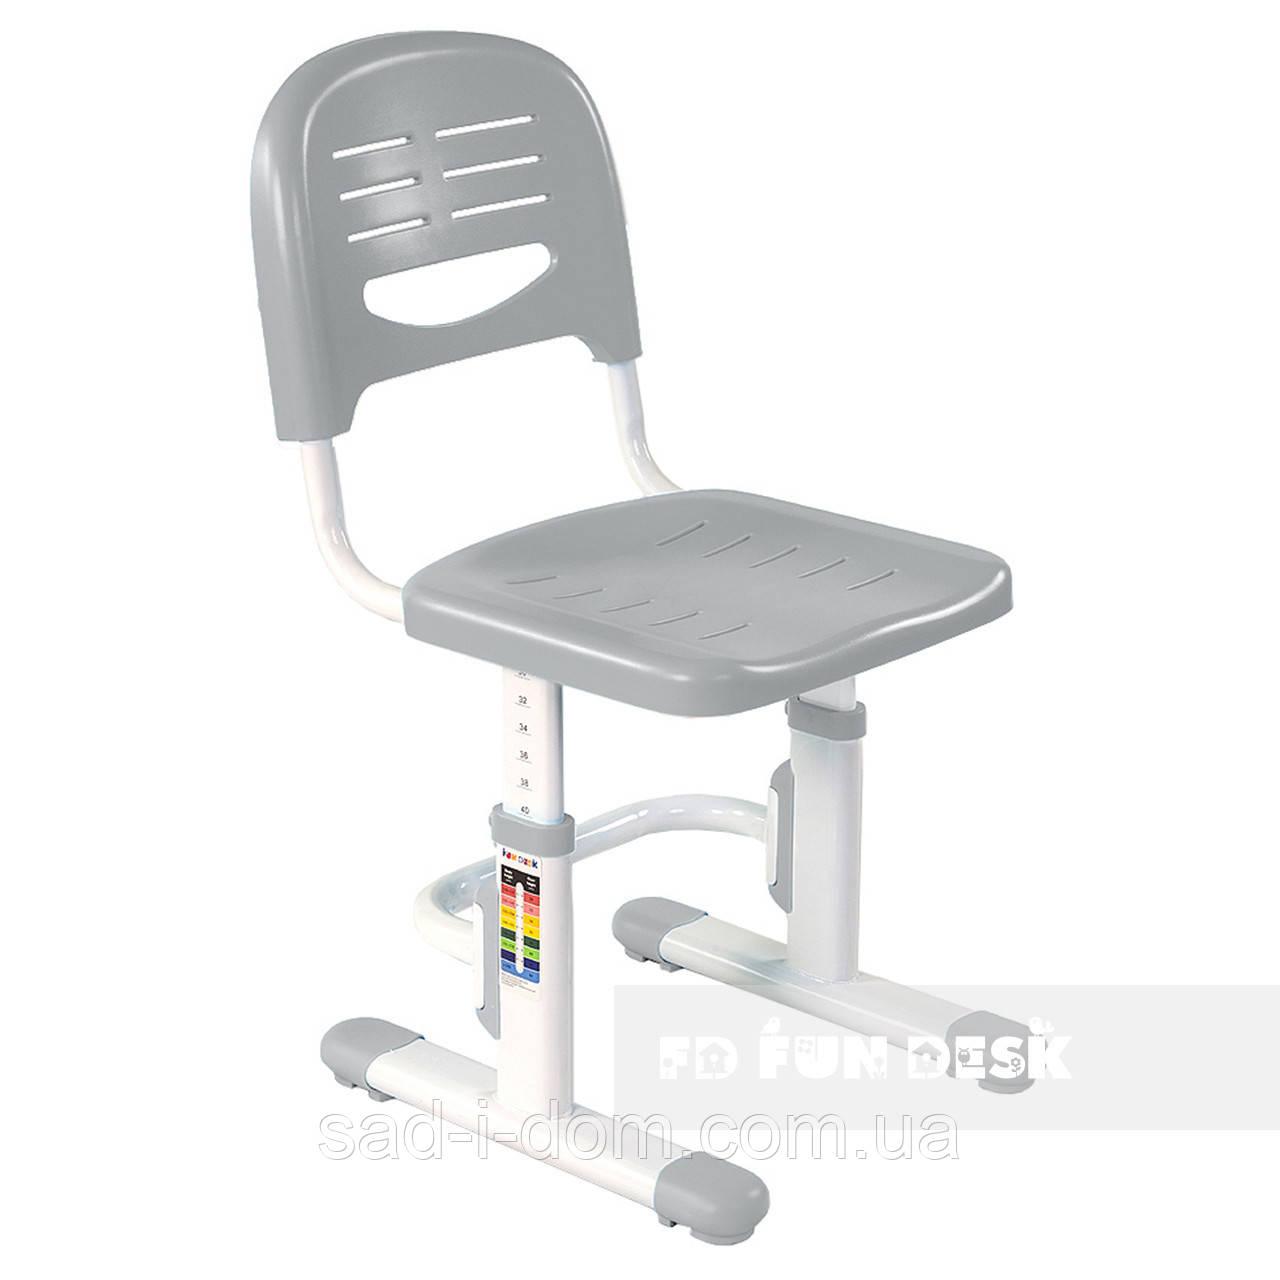 Детский стул для школьника FunDesk SST3, серый